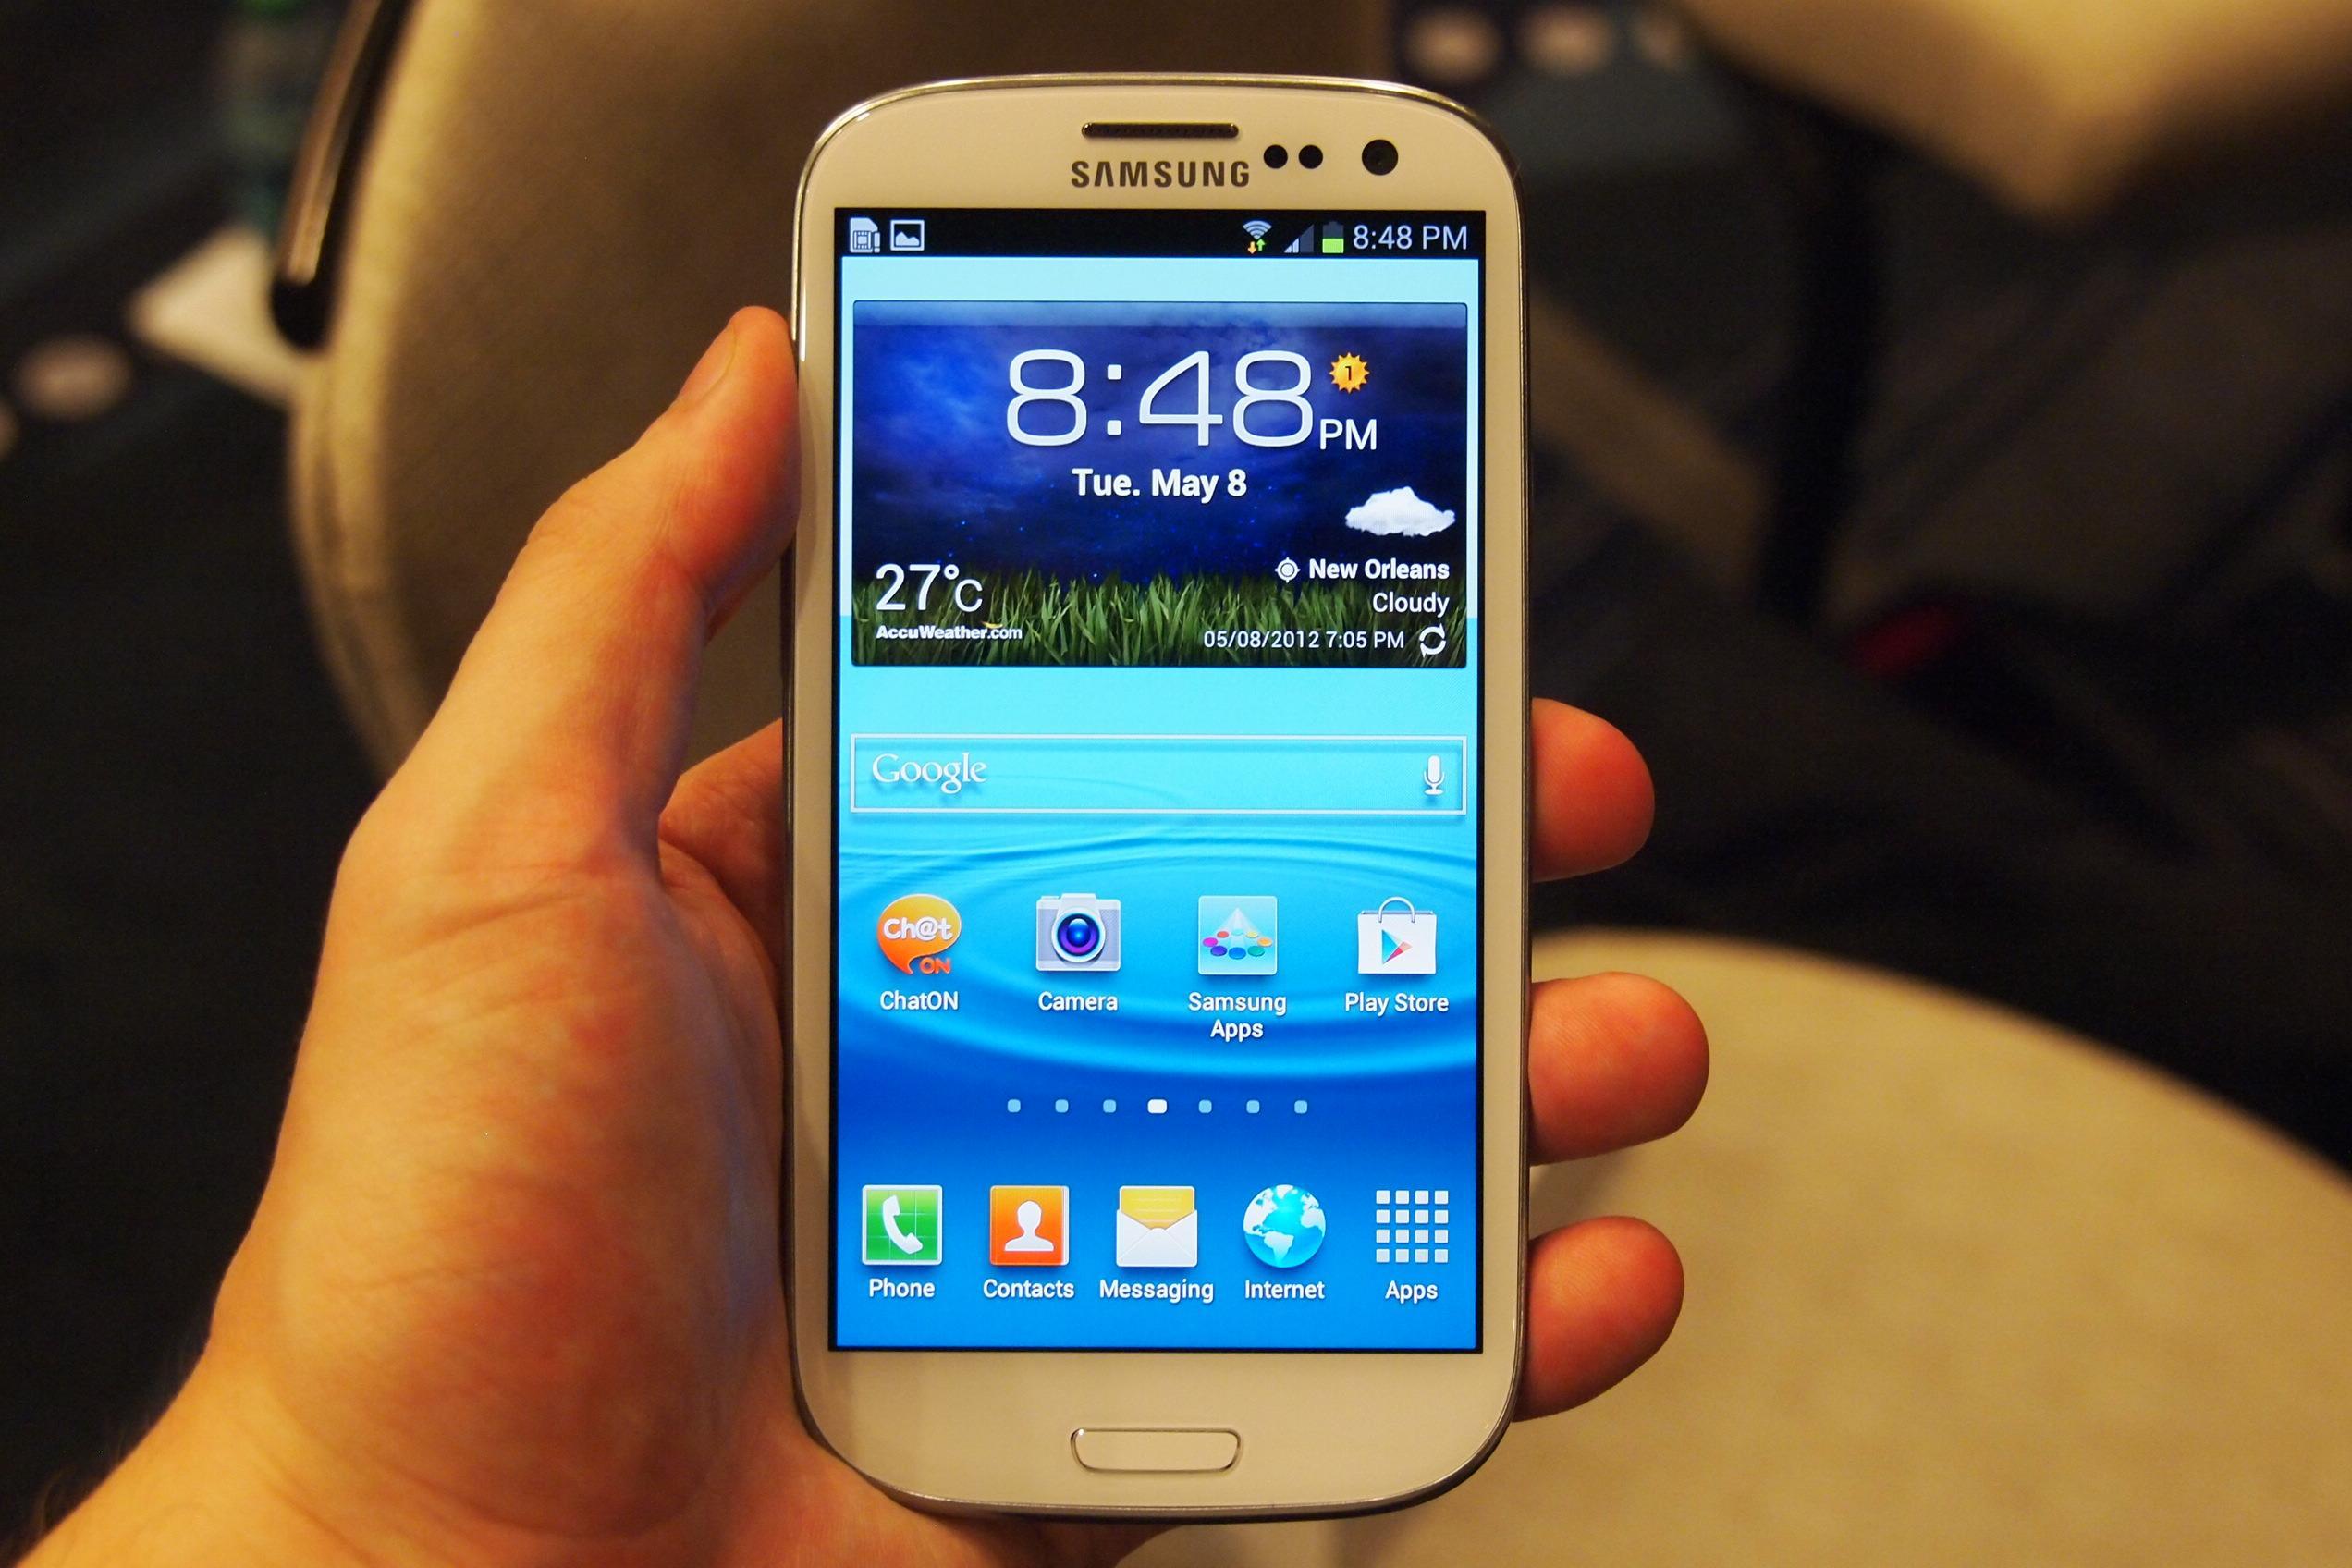 Perchè il Galaxy S3 smette di funzionare improvvisamente? Ecco il motivo